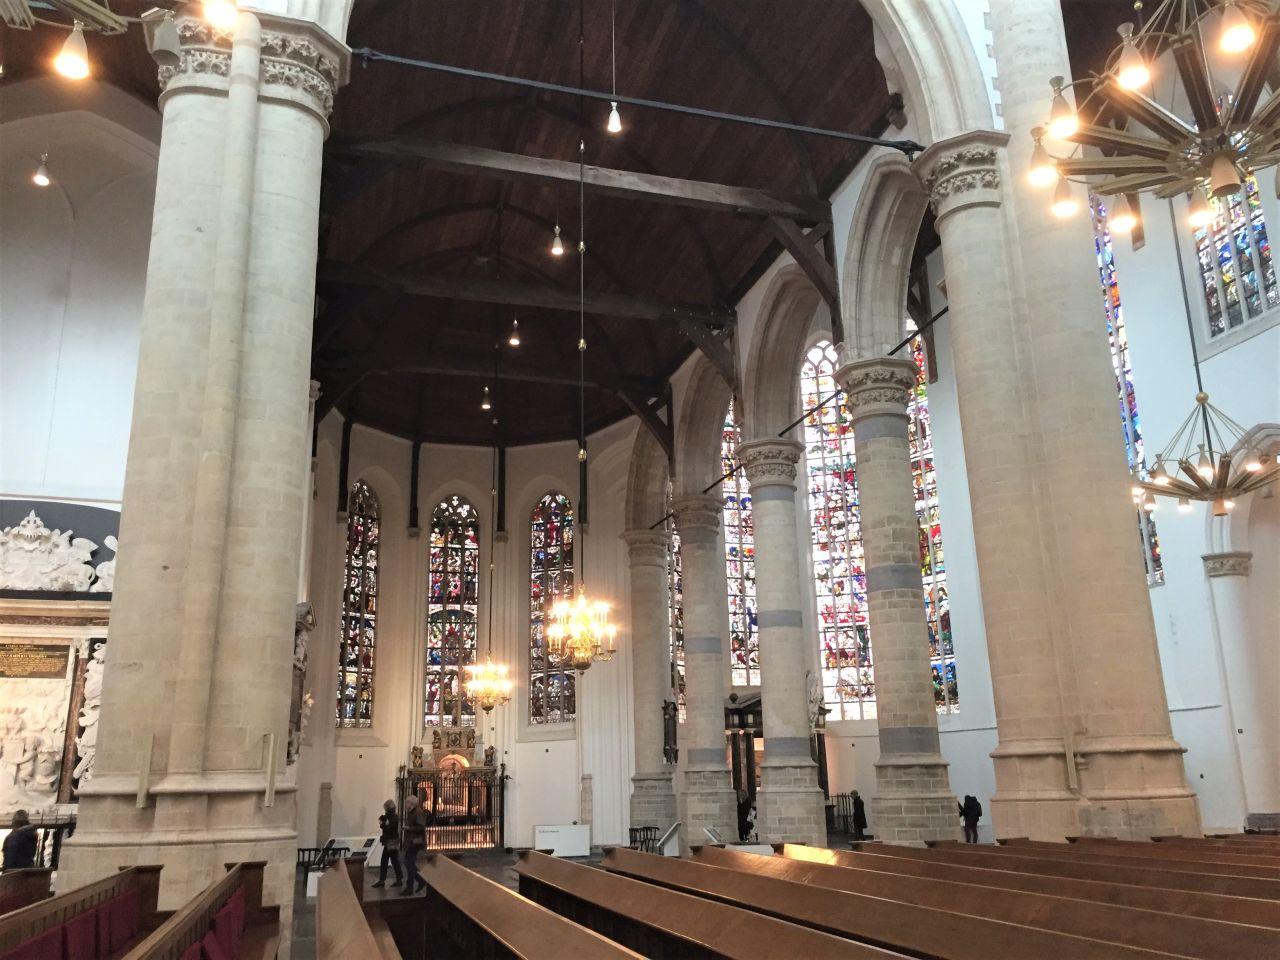 Innenansicht der Oude Kerk (Alter Kirche) von Delft